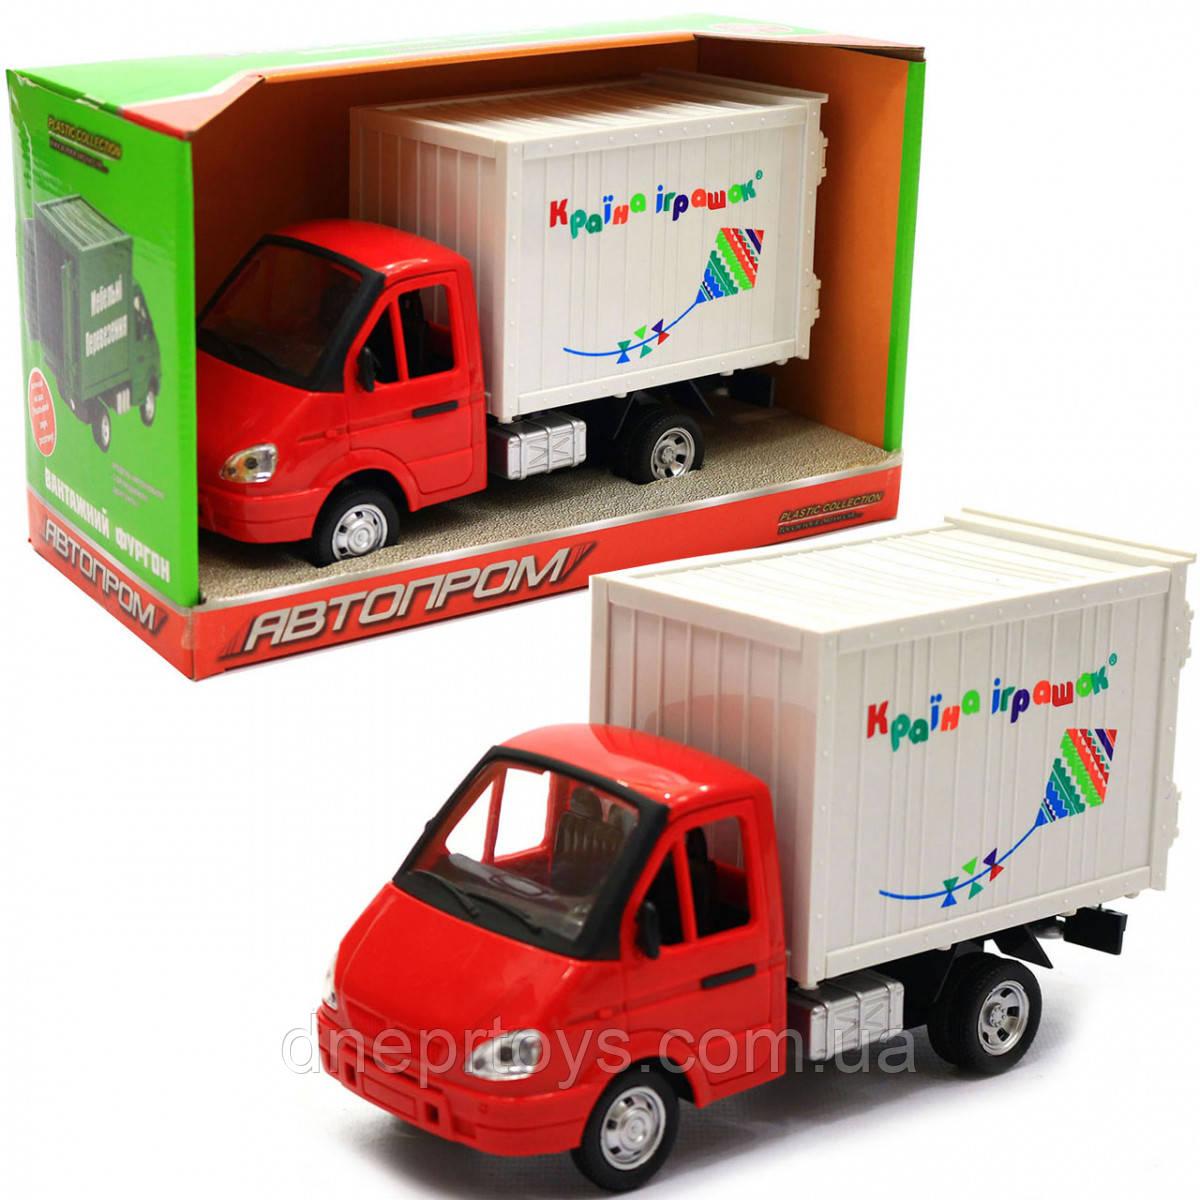 Машинка іграшкова Автопром «Вантажівка. Країна іграшок» (світло, звук, пластик), 20х7х11 см (7660-6)